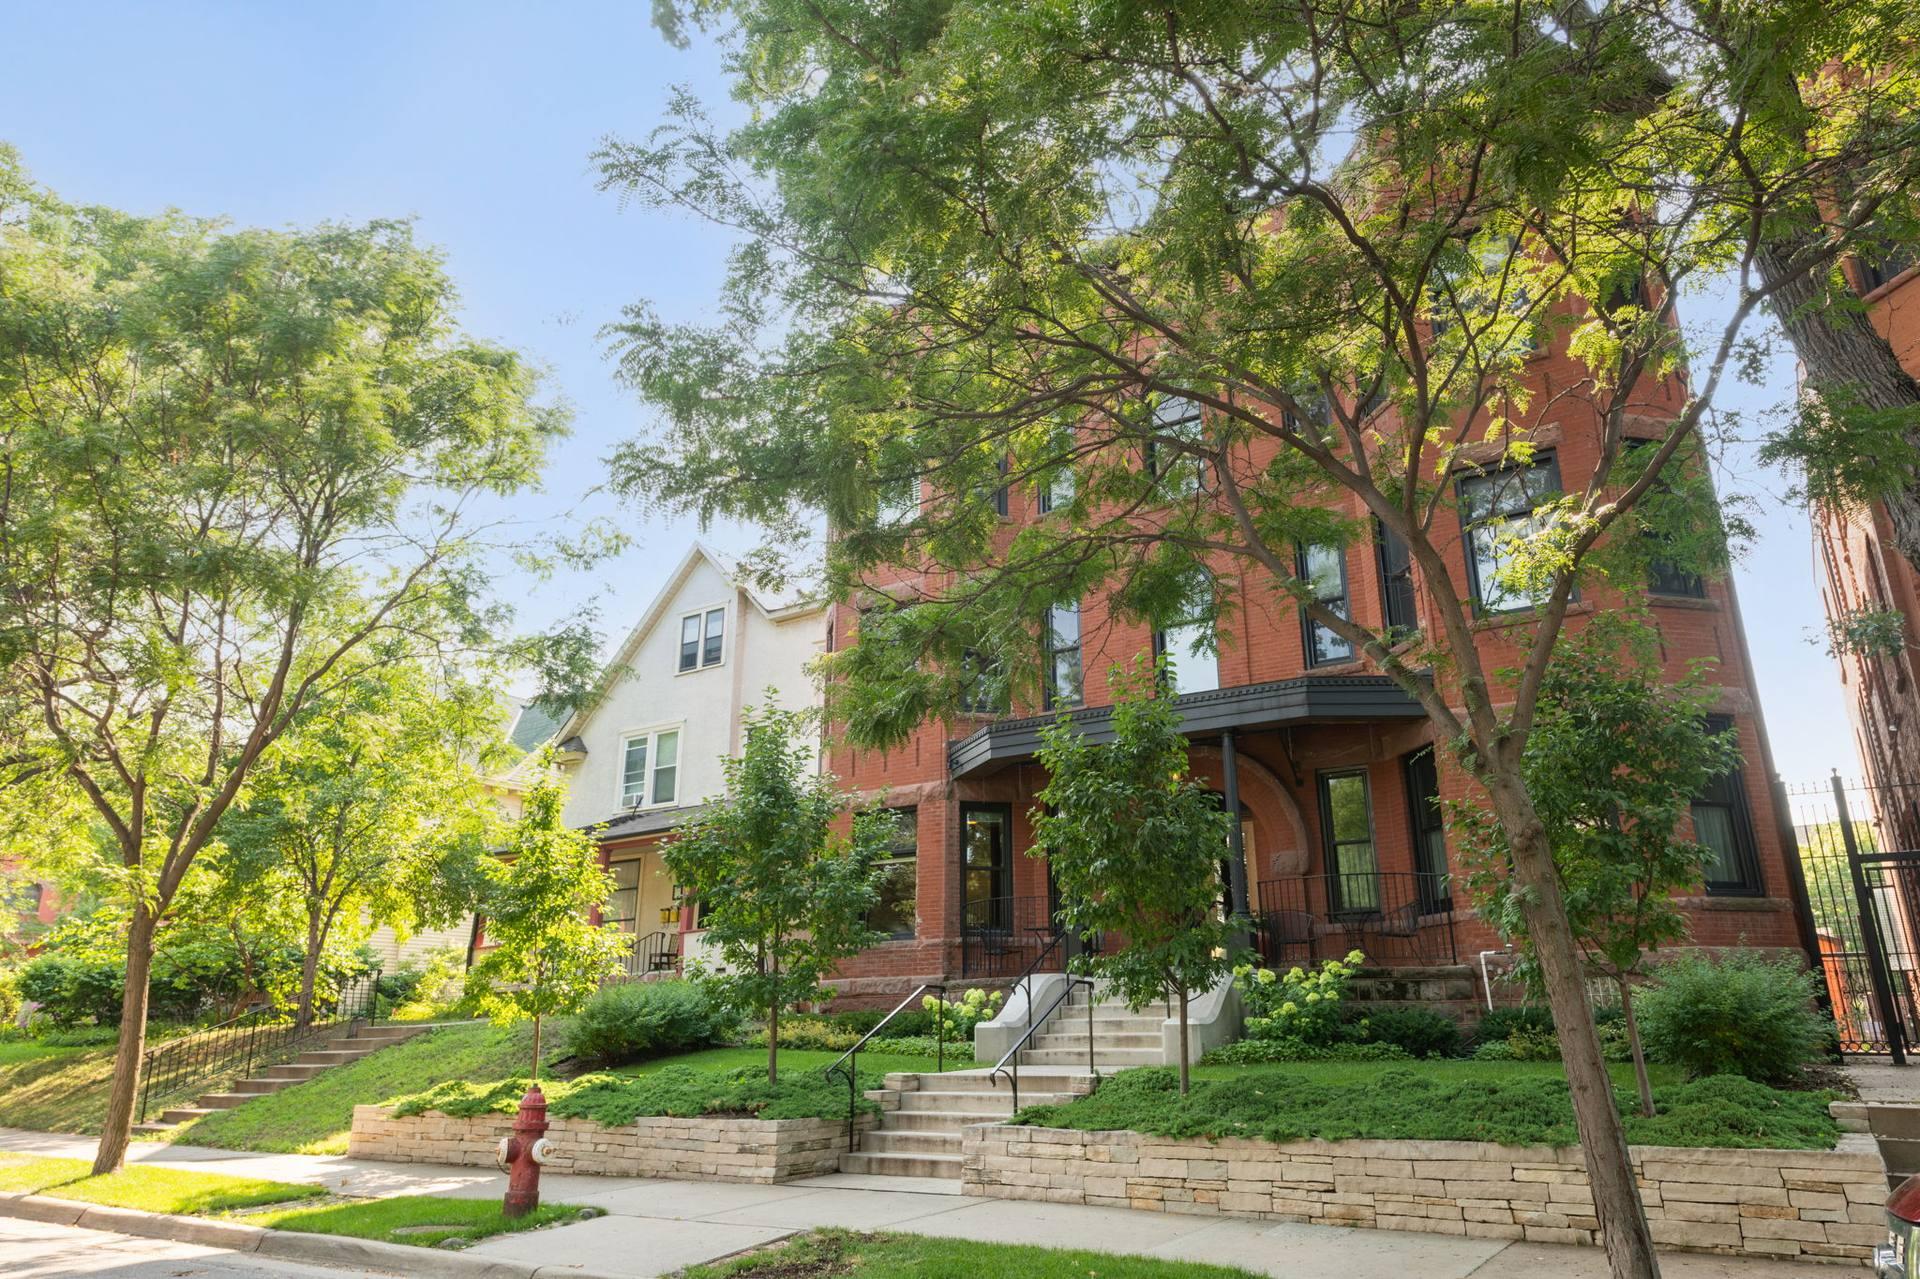 1520 Elliot Ave S, Minneapolis, MN 55404, USA